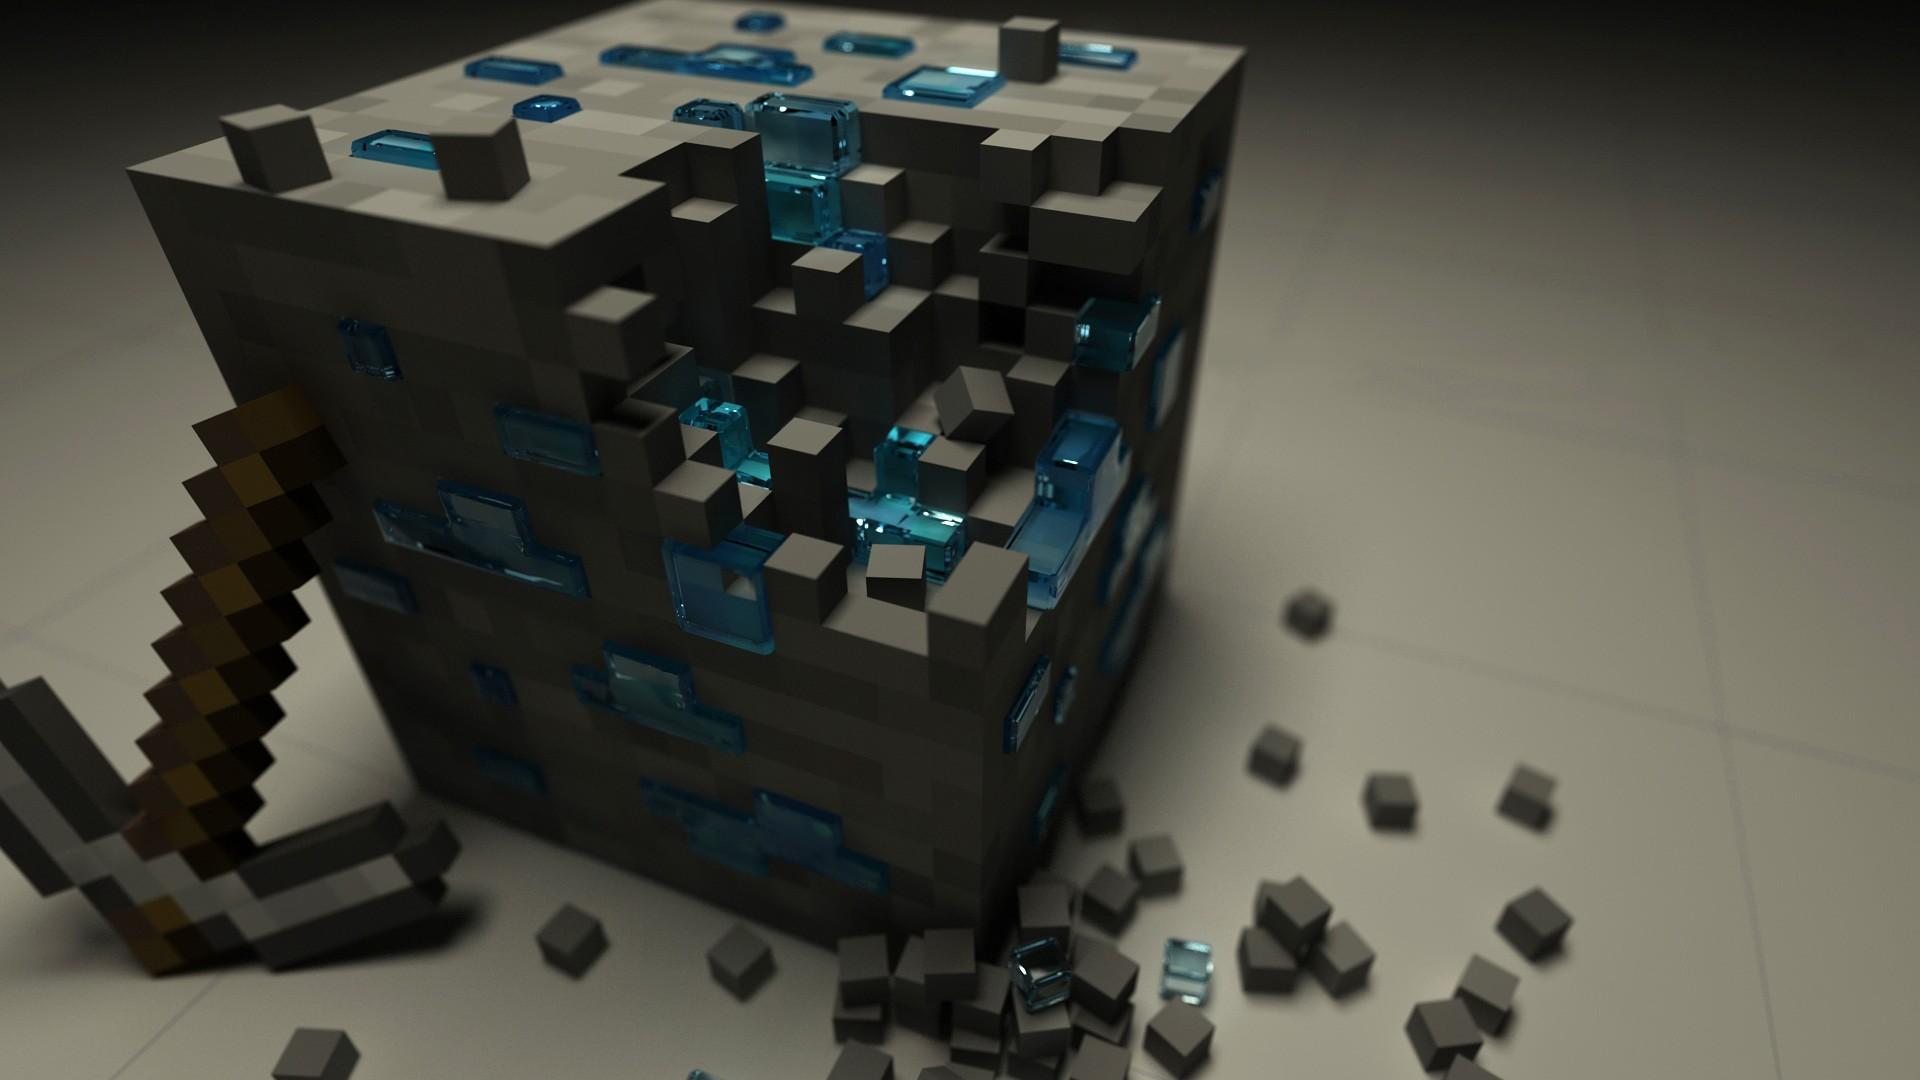 Hintergrundbilder Digitale Kunst Videospiele D Platz - Minecraft spielen lego